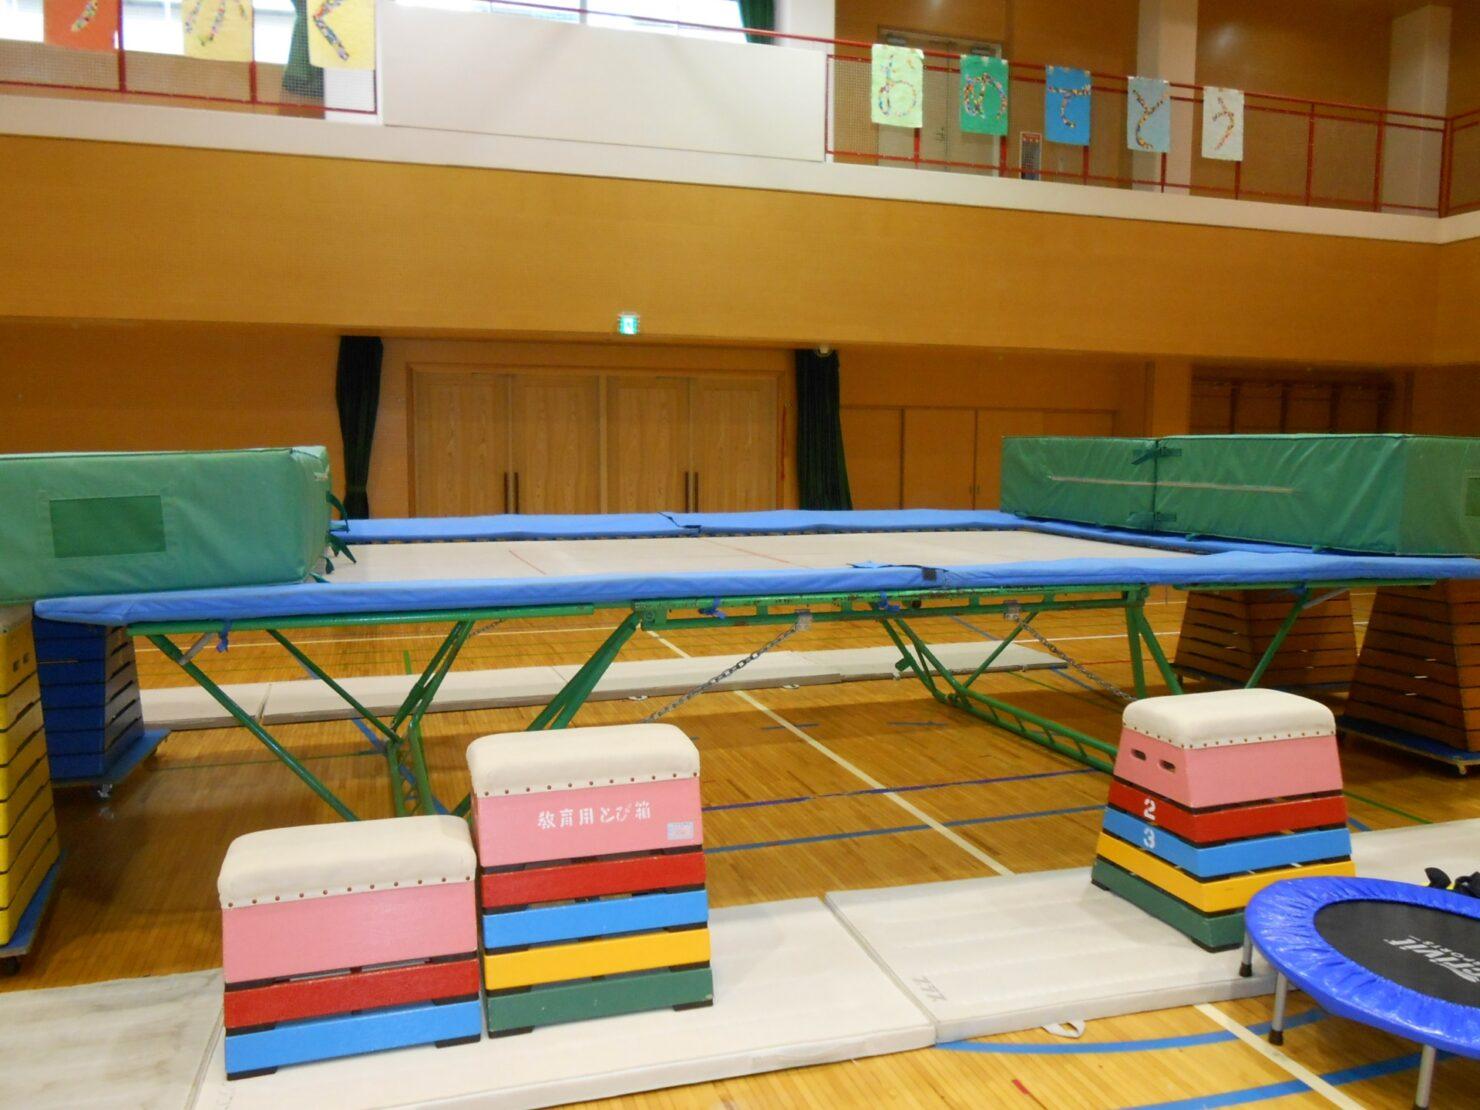 トランポリンで運動不足を解消!子供用トランポリンの飛び方動画と室内設置の注意